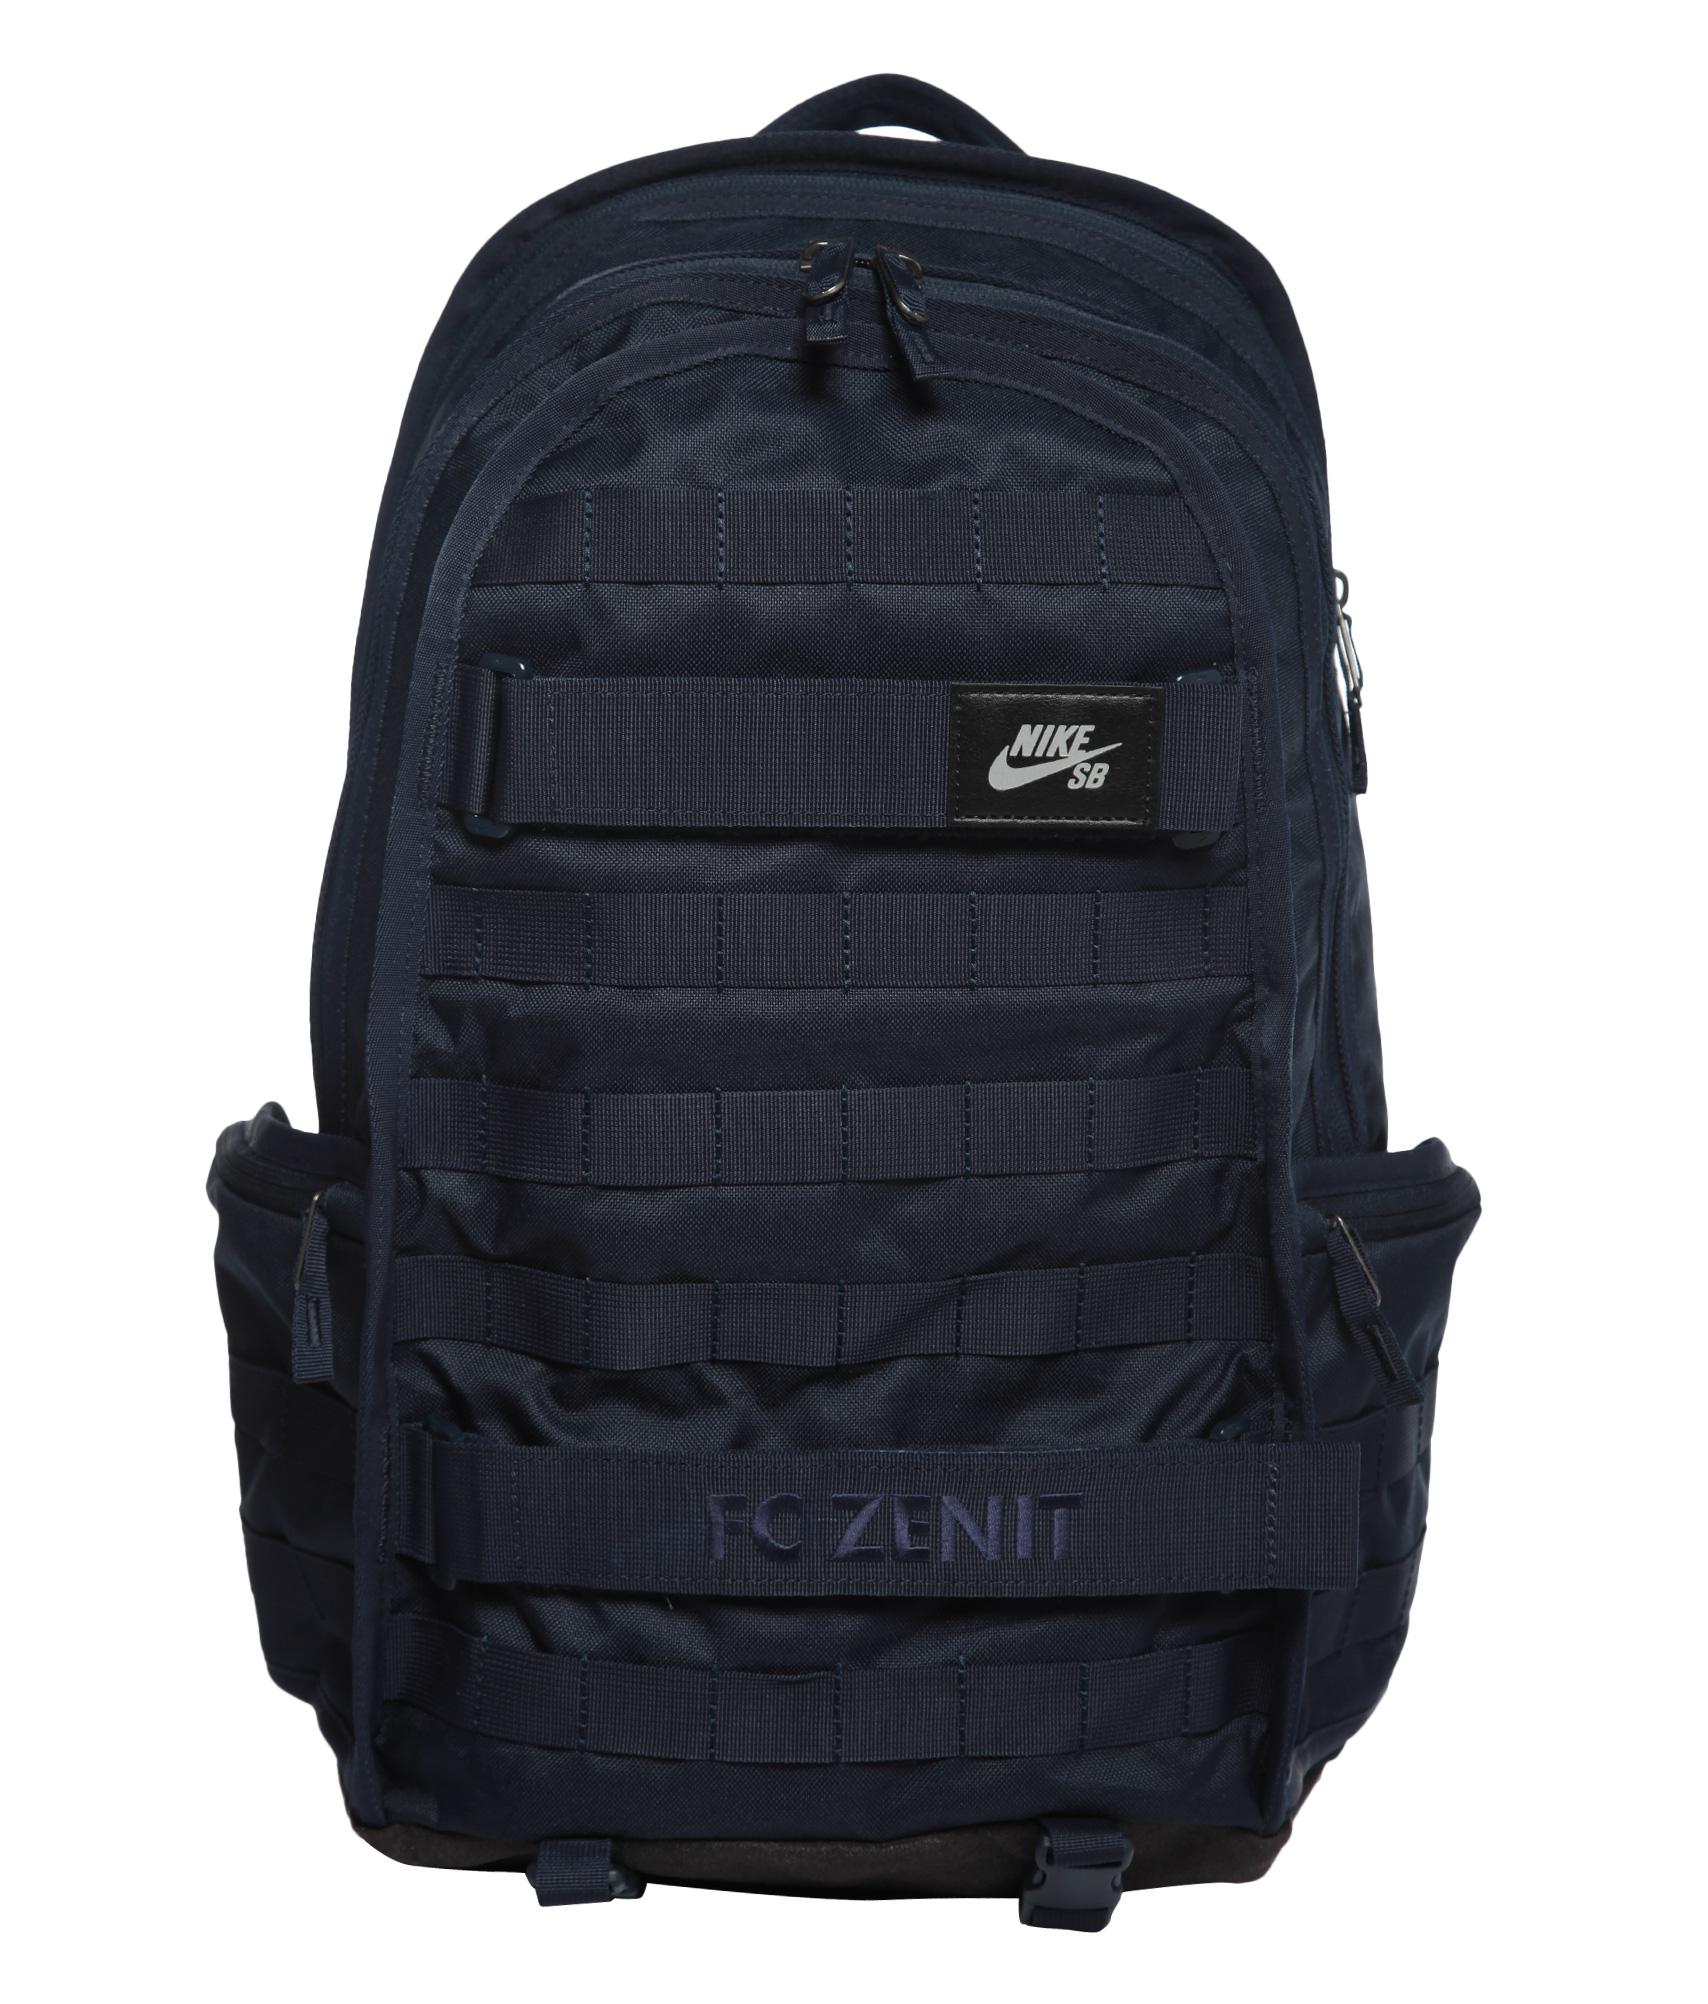 Рюкзак Nike, Цвет-Темно-Синий, Размер-MISC nike sb рюкзак nike sb rpm